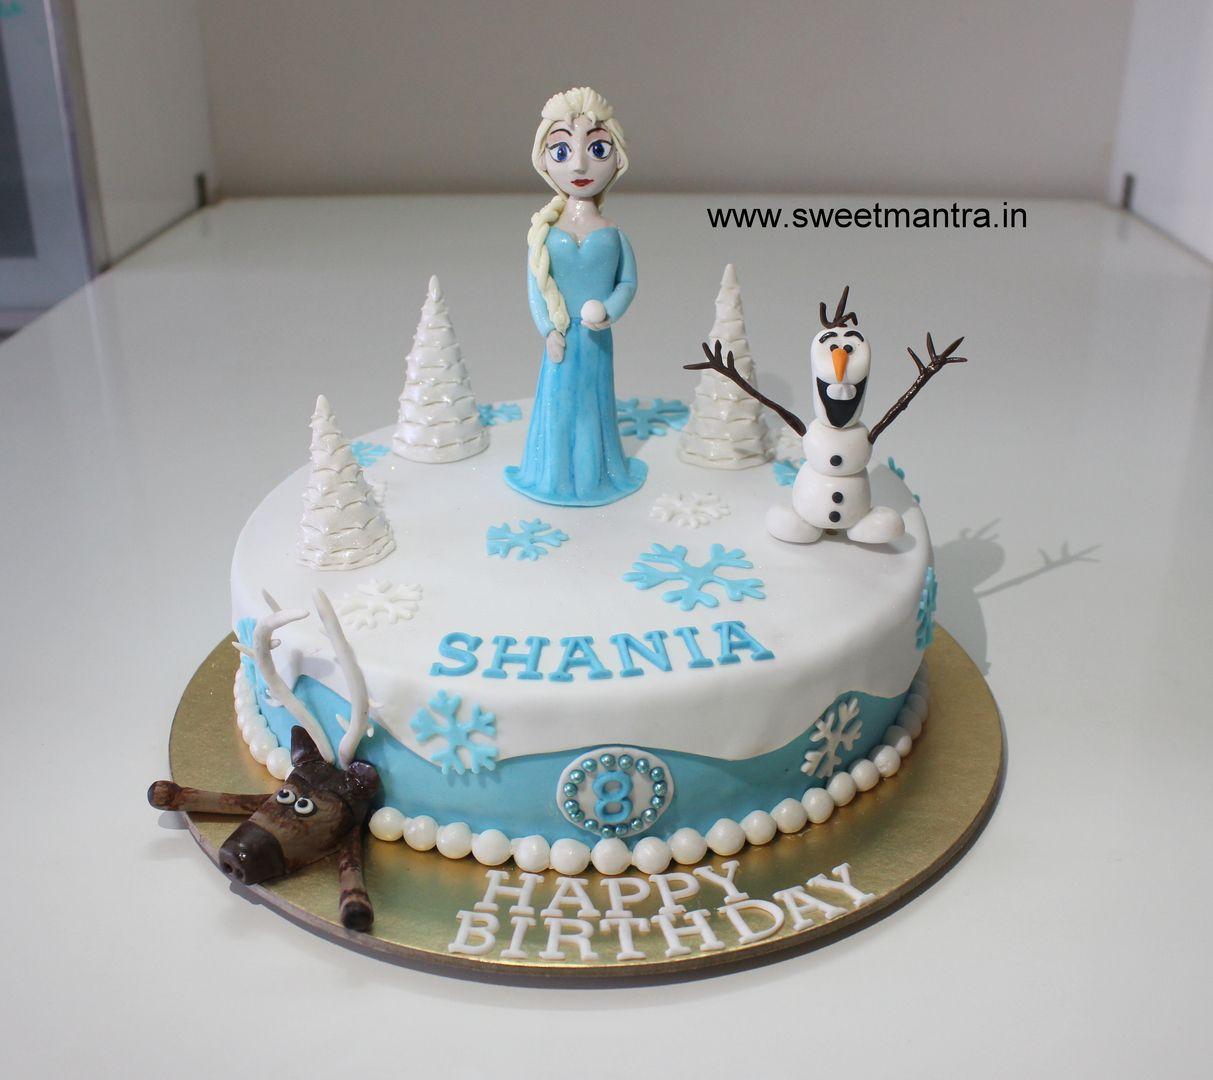 Homemade Eggless 3DCustom Frozen theme 8th birthday cake for girl